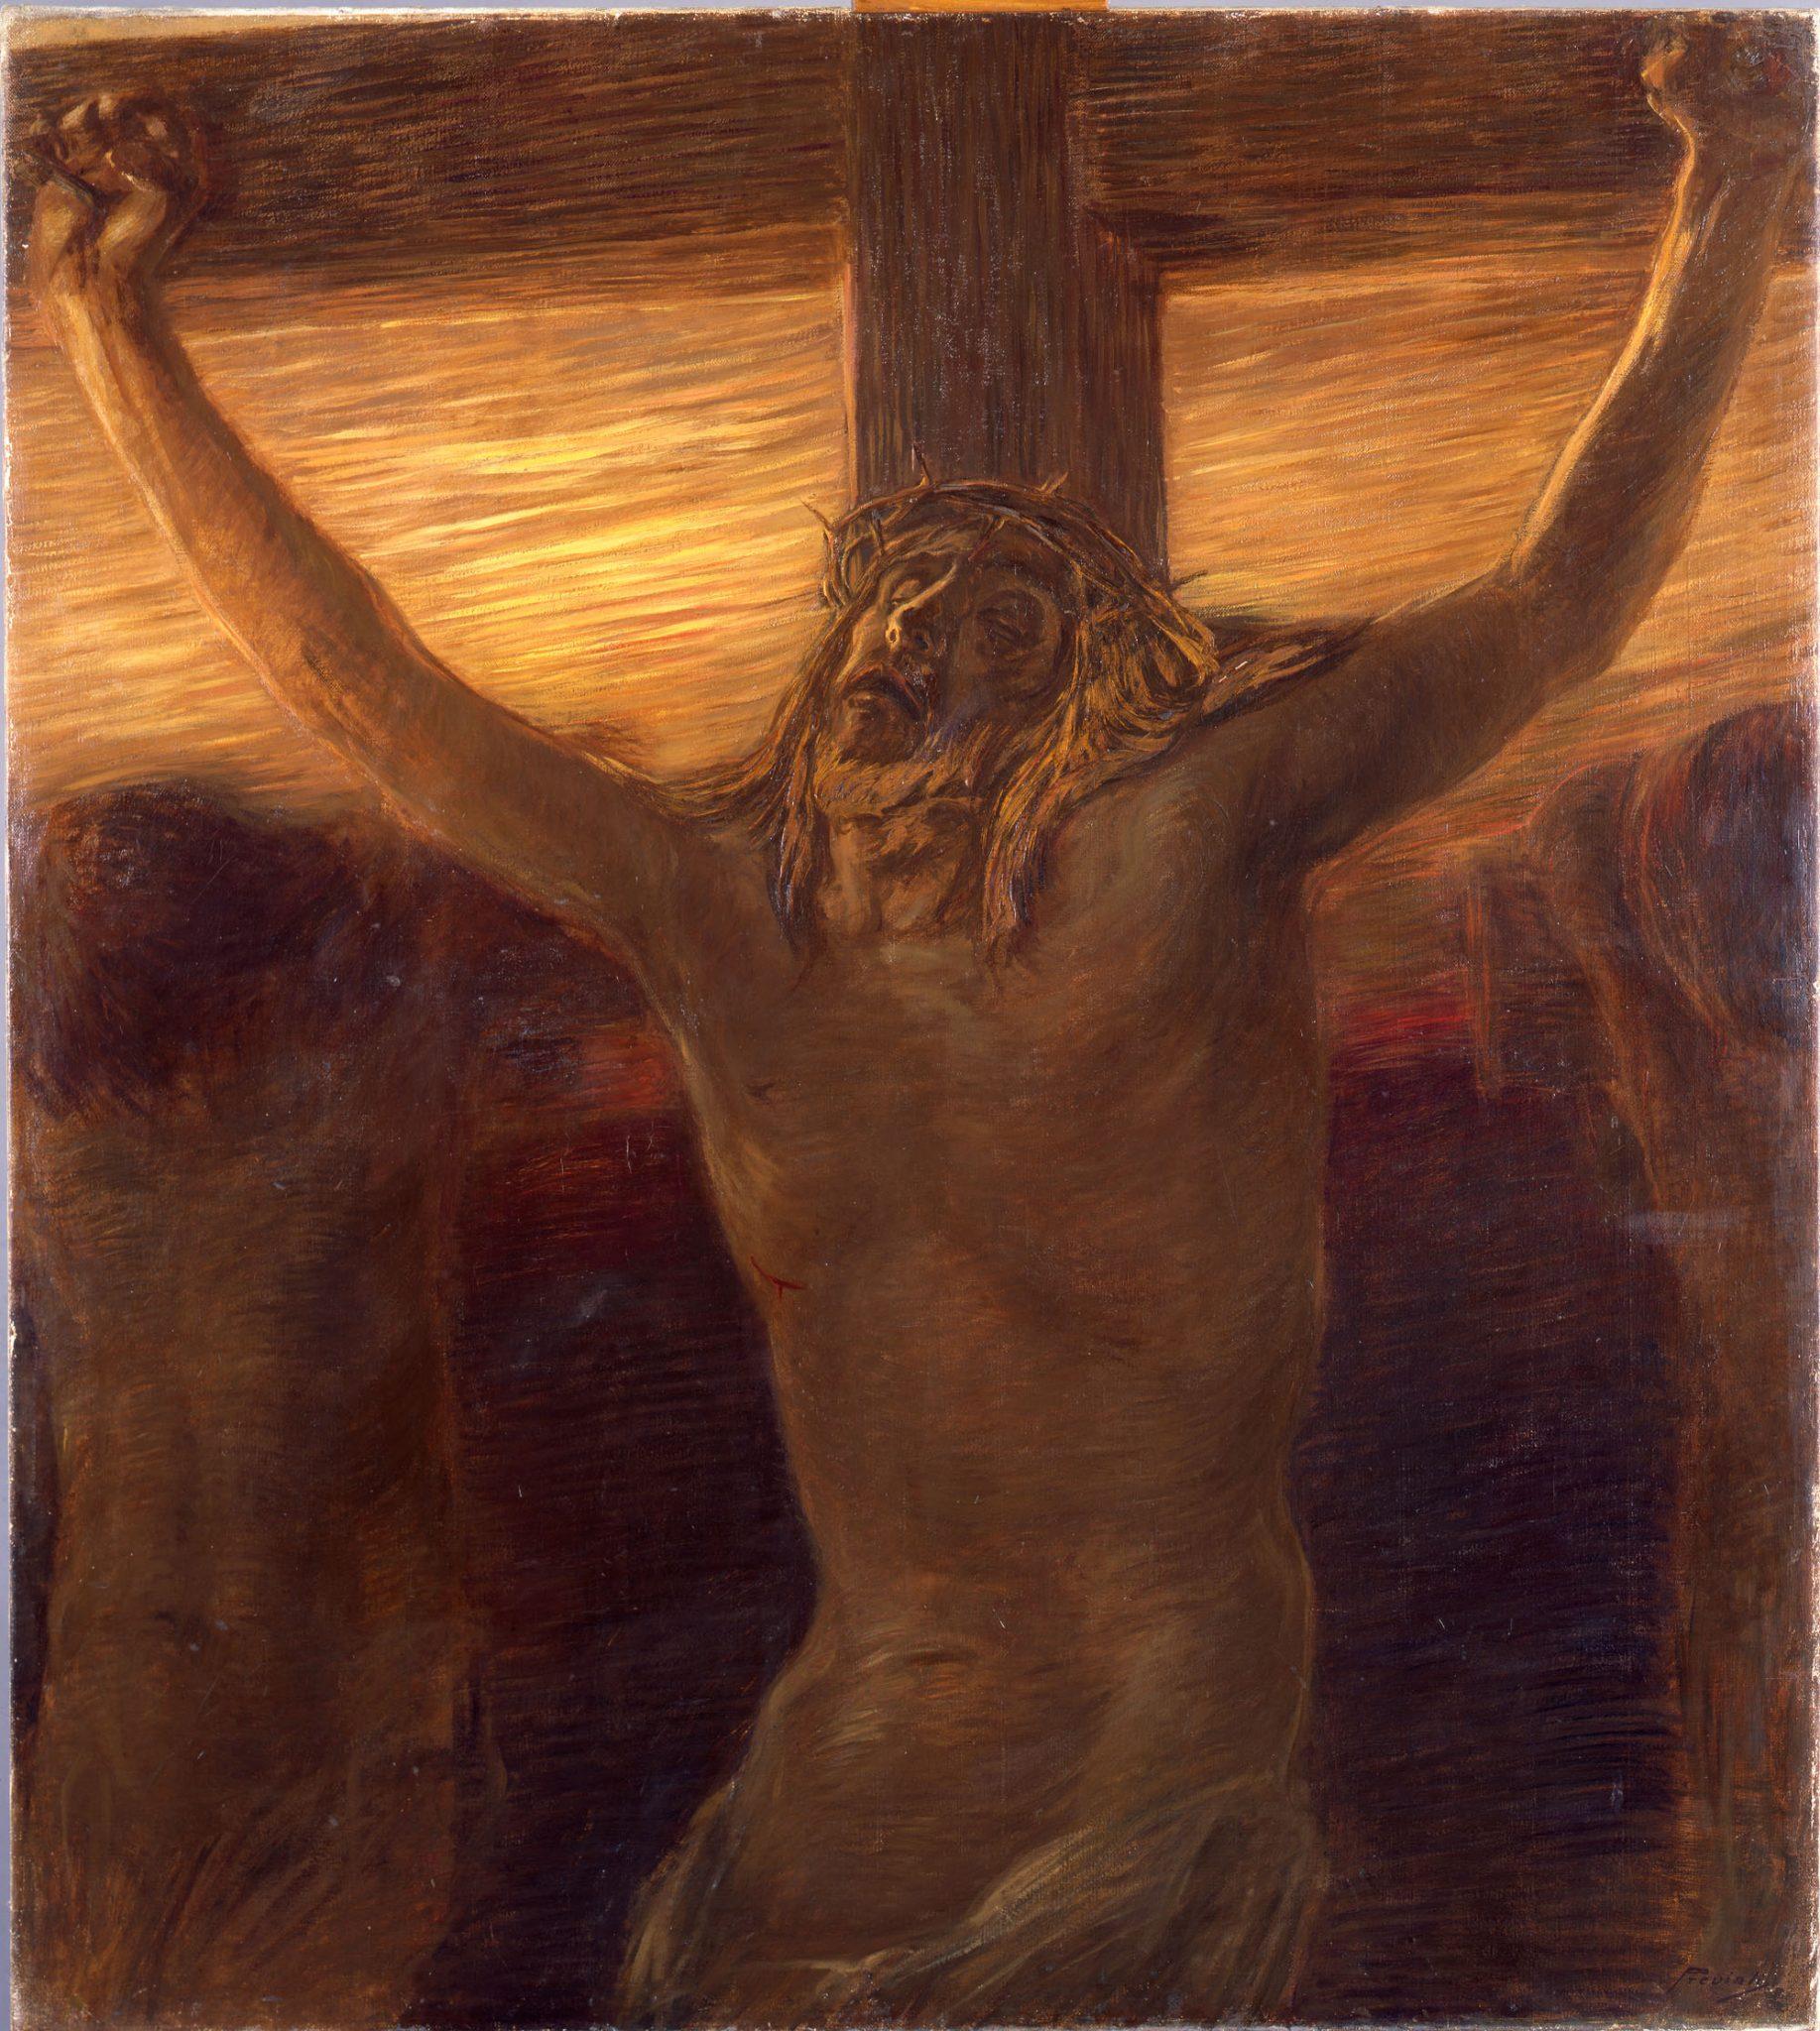 Gaetano Previati, Via Crucis, XII stazione, 1901-1902, olio su tela, 121 × 107 cm, Musei Vaticani, Collezione d'Arte Contemporanea. Foto © Musei Vaticani